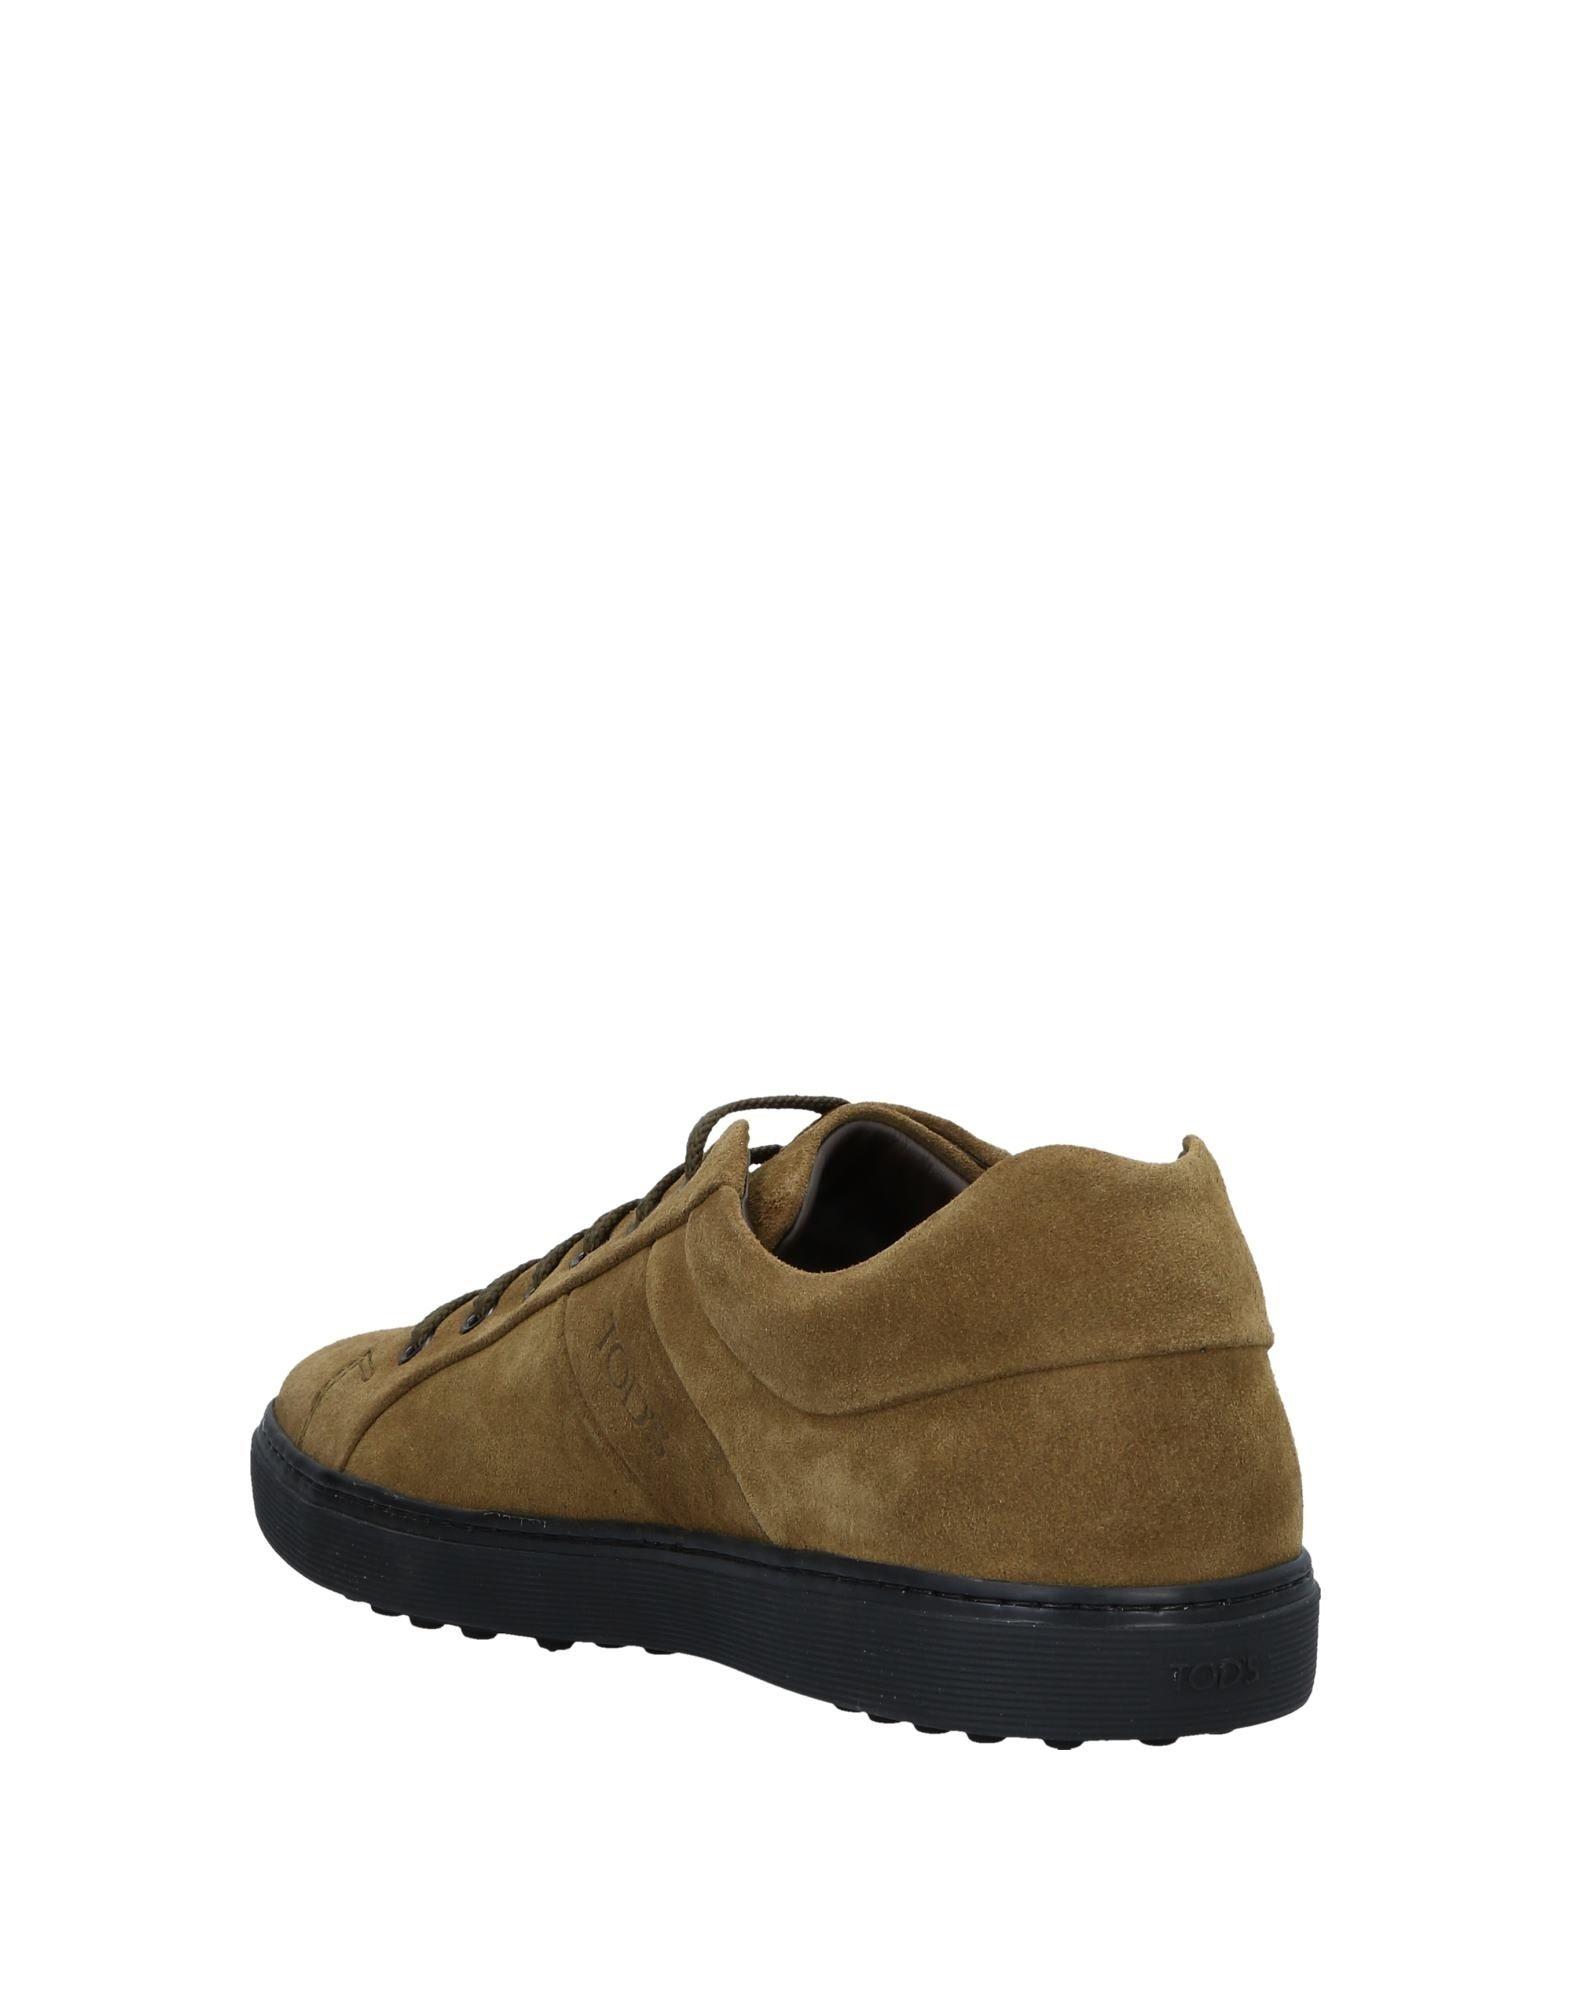 Tod's Sneakers Herren beliebte  11542954FD Gute Qualität beliebte Herren Schuhe 7522e1